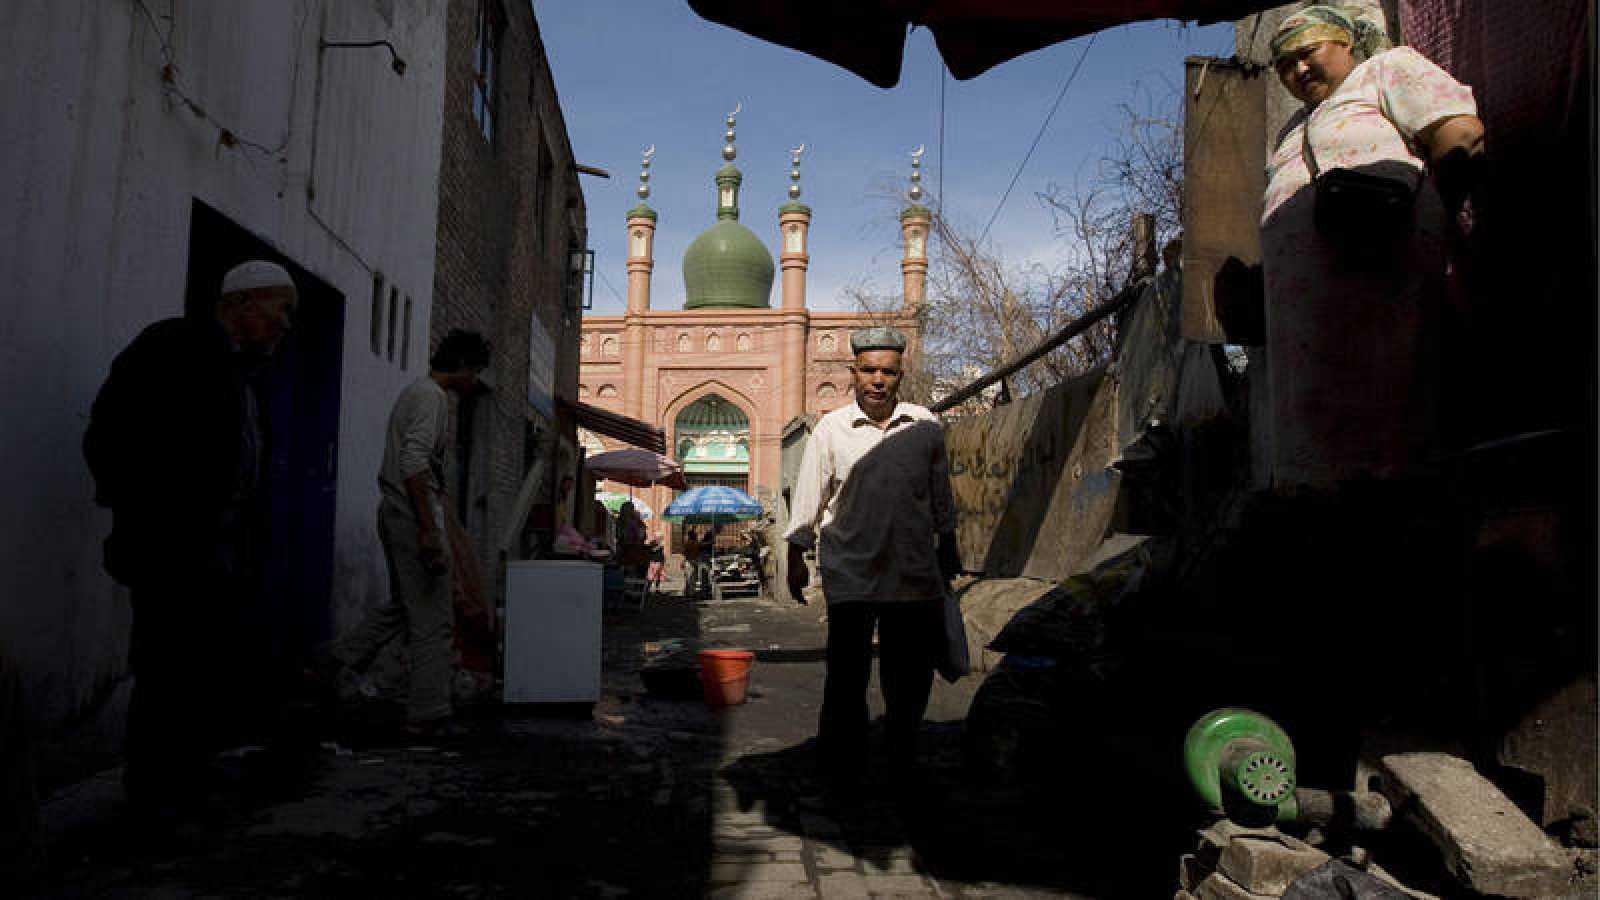 Imagen de archivo (2009) de uigures cerca a una mezquita en Urumqi, provincia de Xinjiang (China)